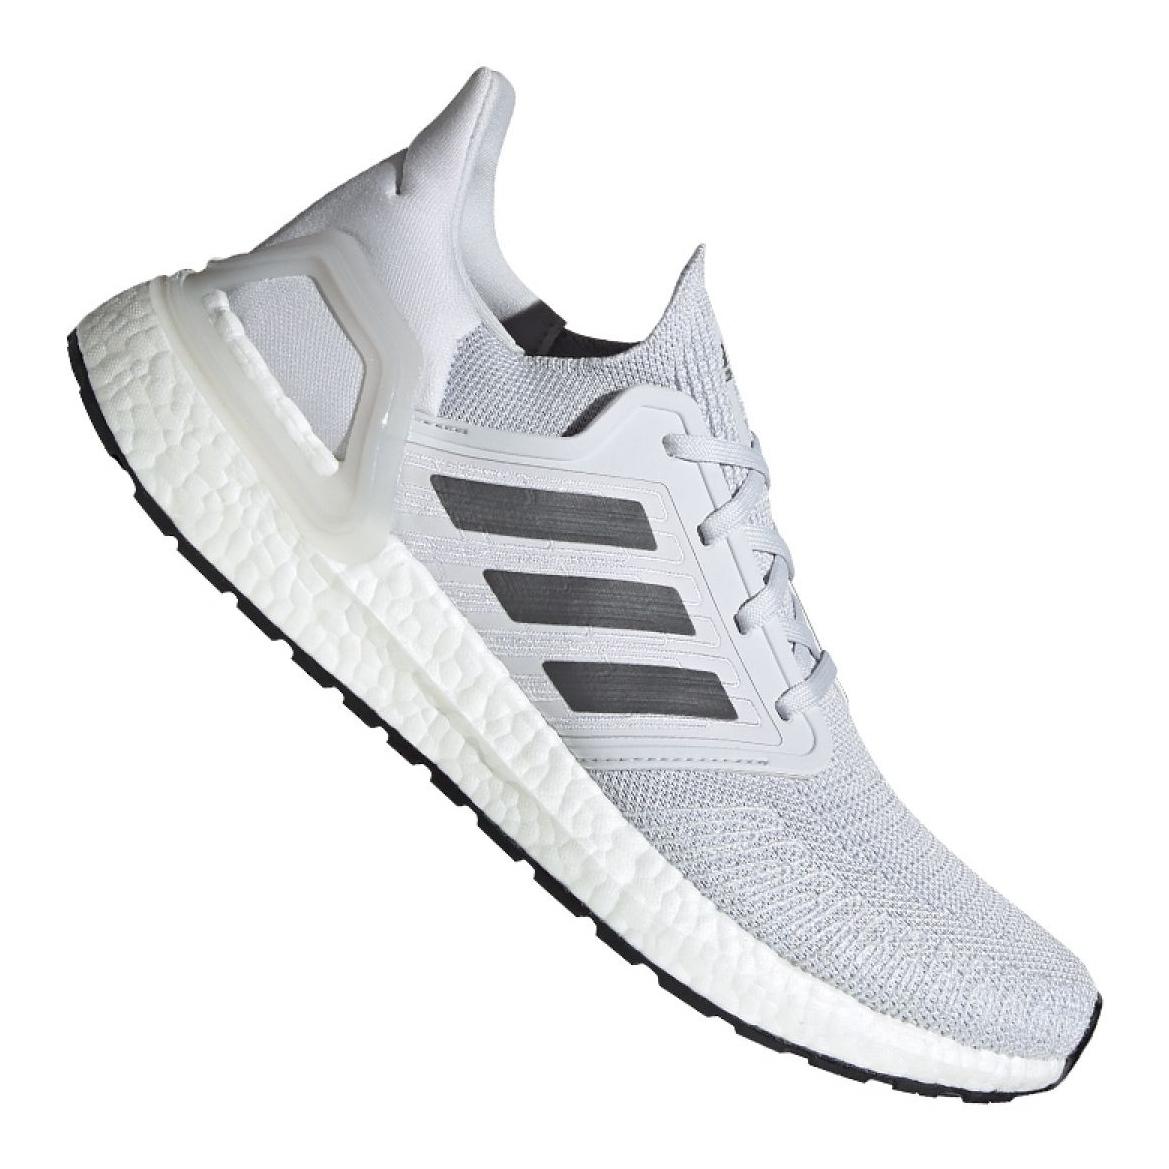 Sapatos Adidas UltraBoost 20 M EG0694 cinza